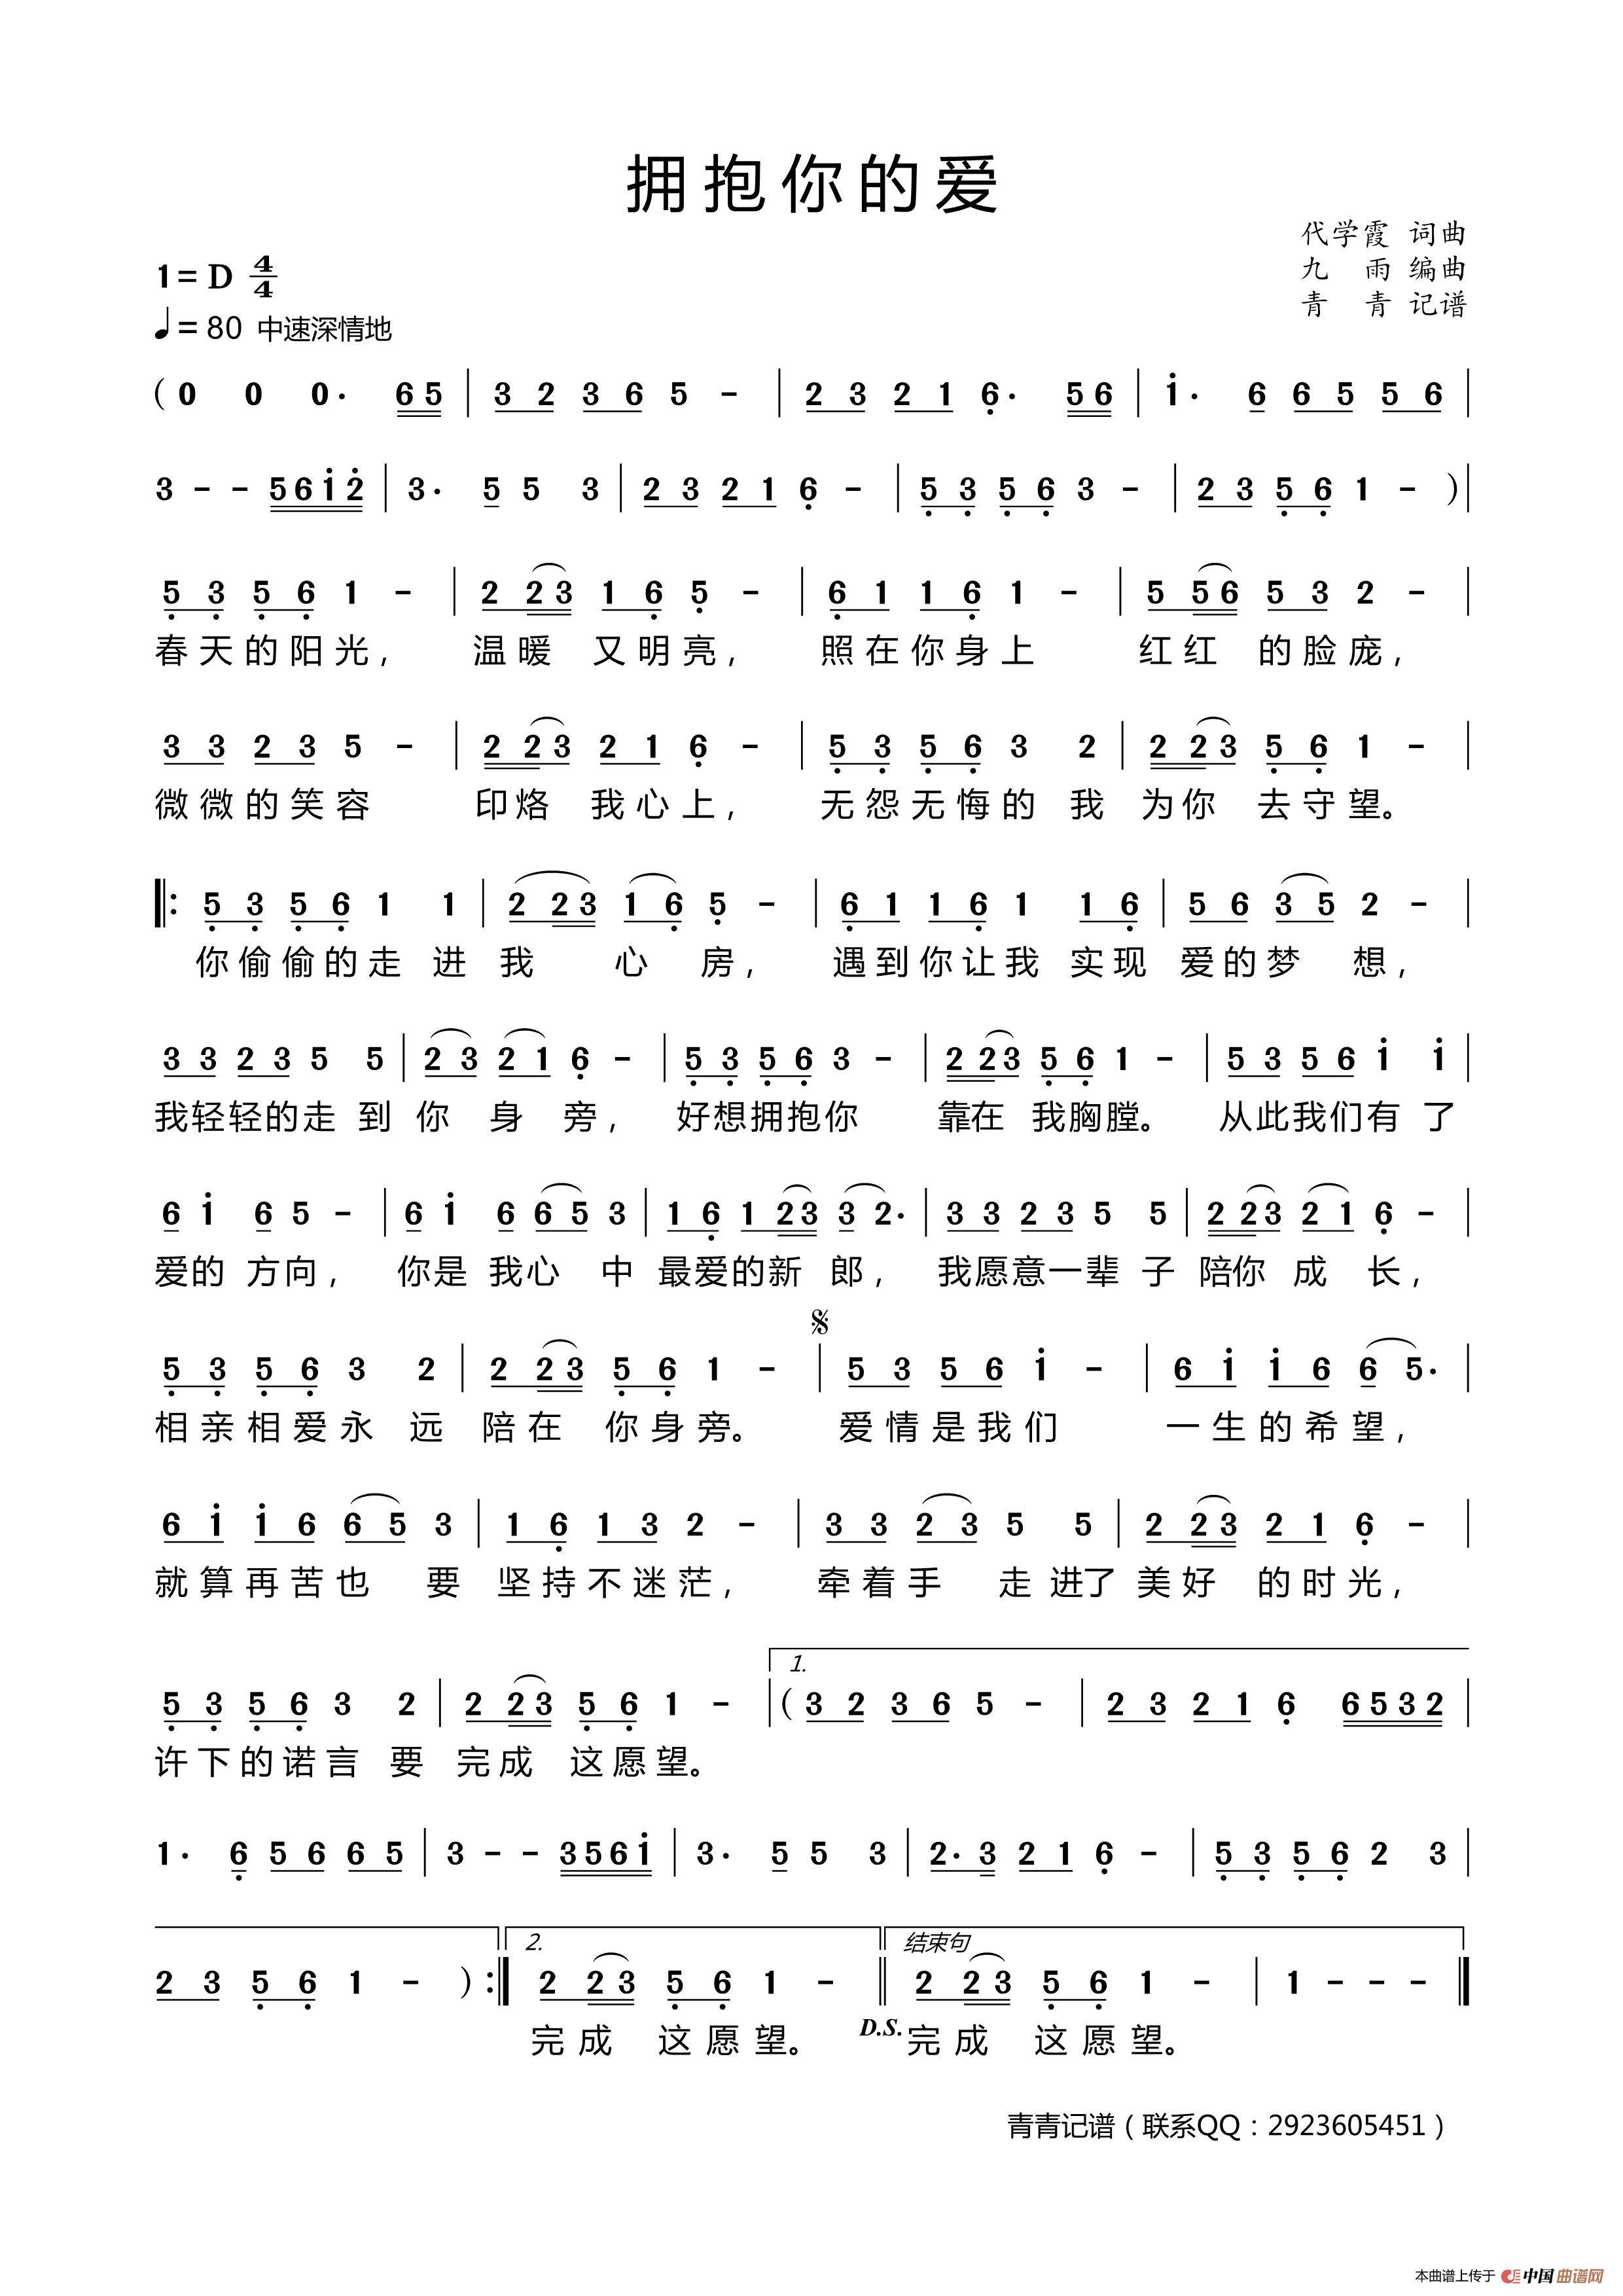 拥抱你的爱简谱 青青105个人制谱园地 中国曲谱网